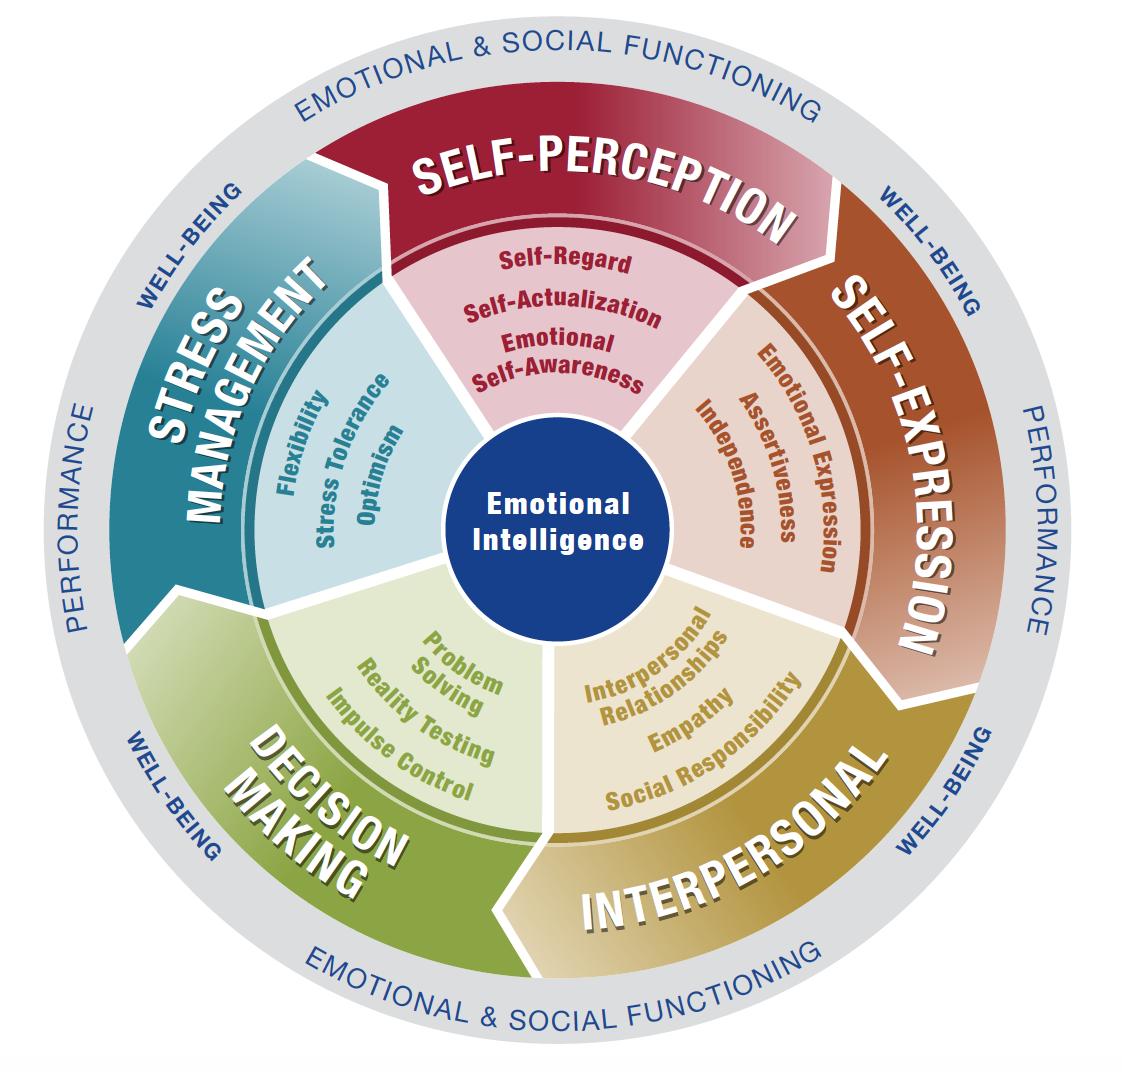 Emotional Intelligence Wheel